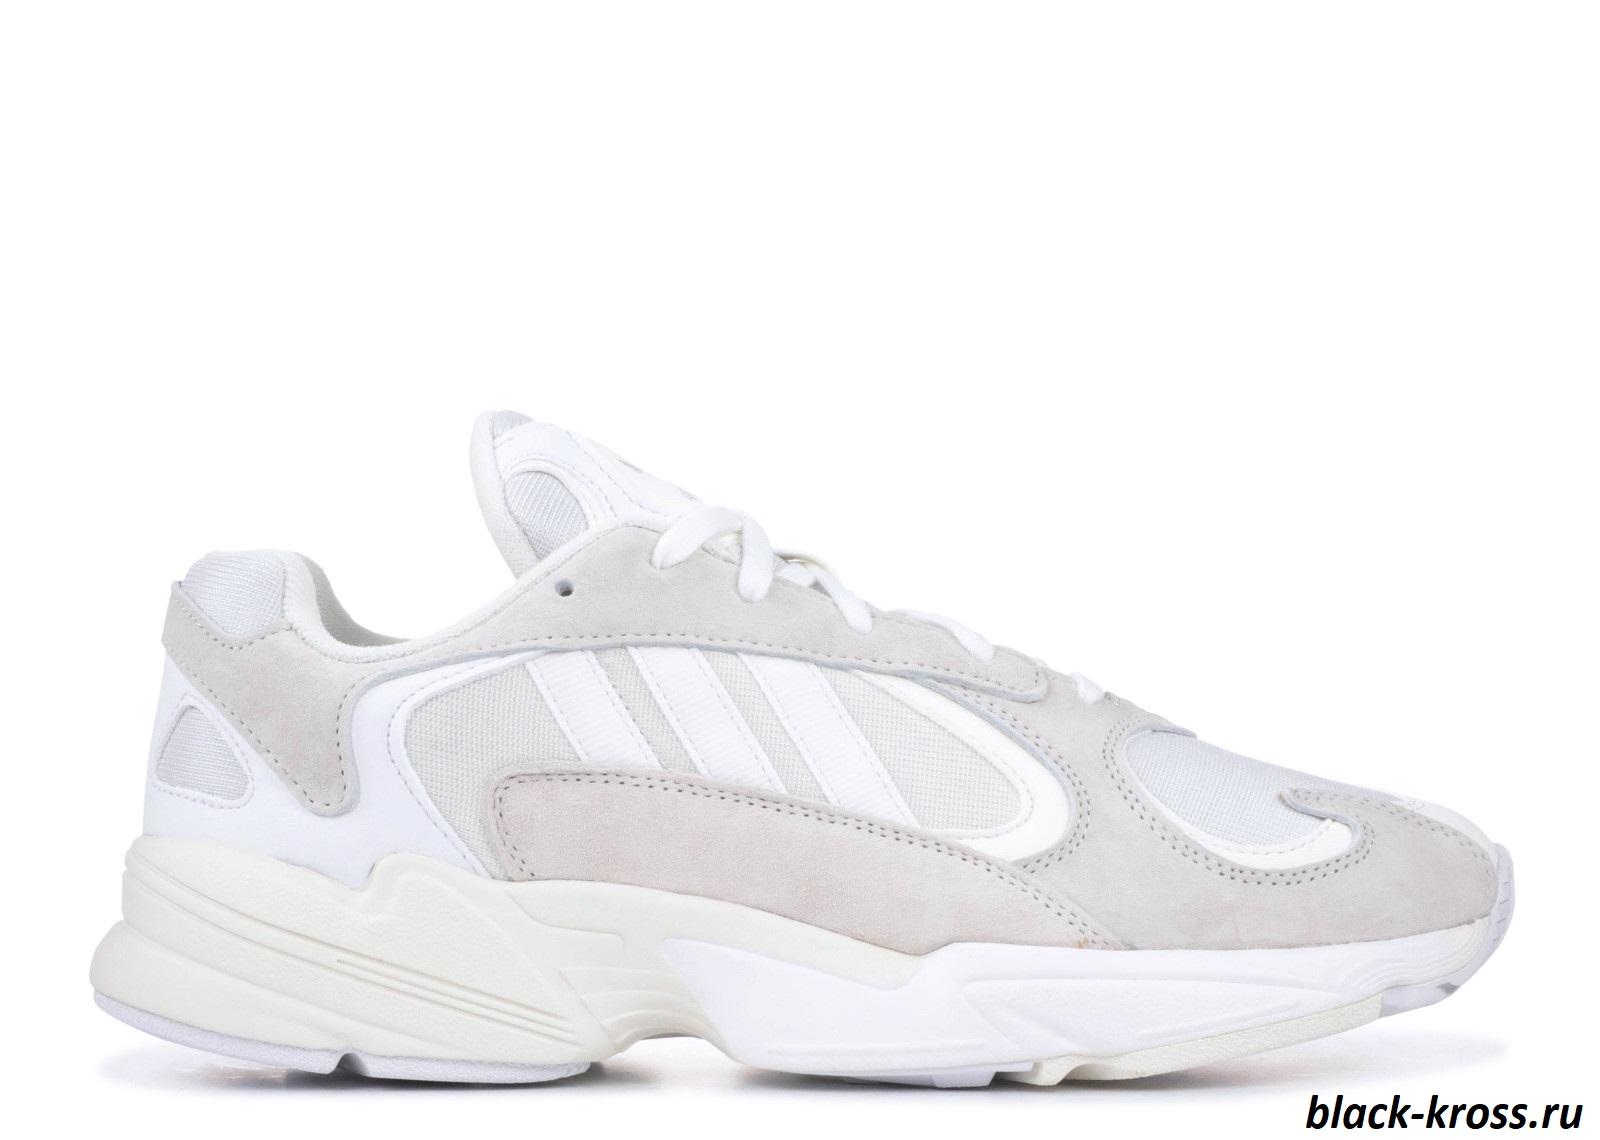 Adidas Yung-1 White (36-45)